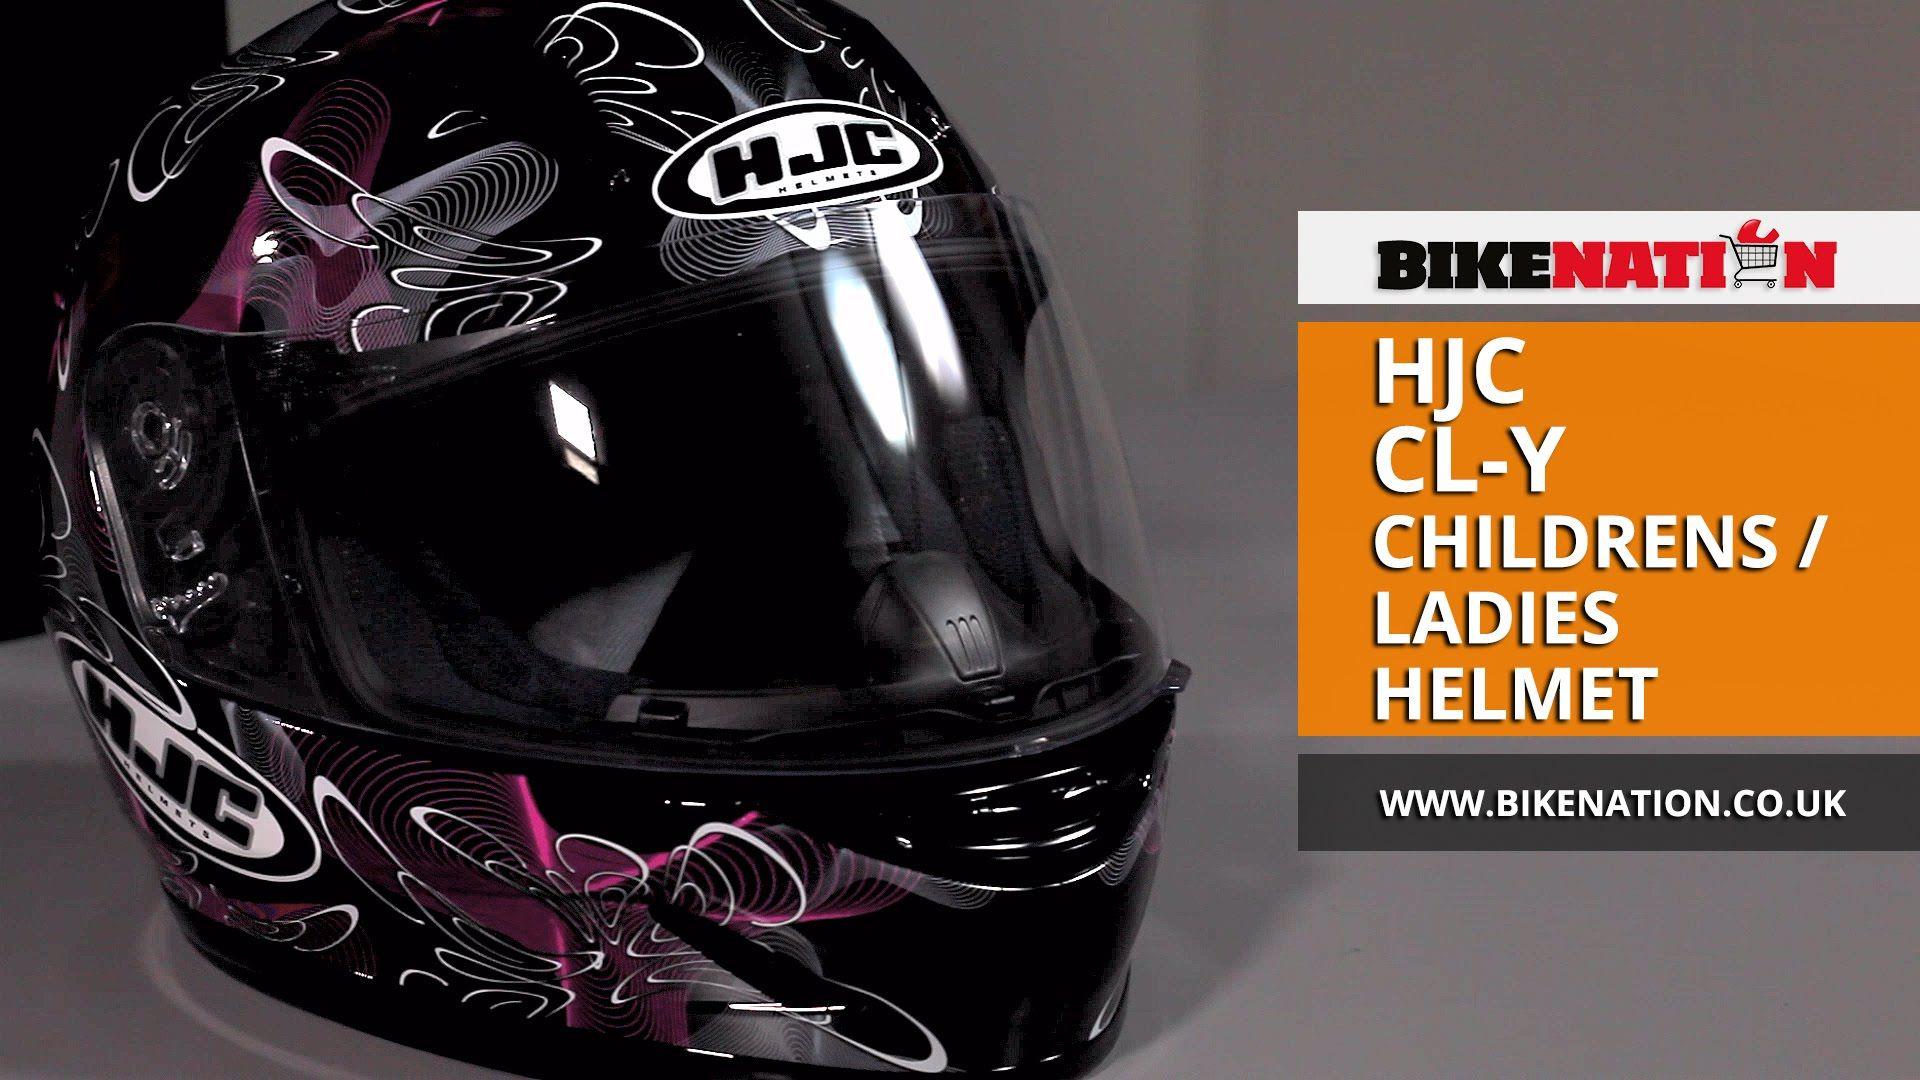 HJC - CL-Y - Childrens / Ladies Helmet  #helmets #bikers #ladies #children #hjc #pink #purple